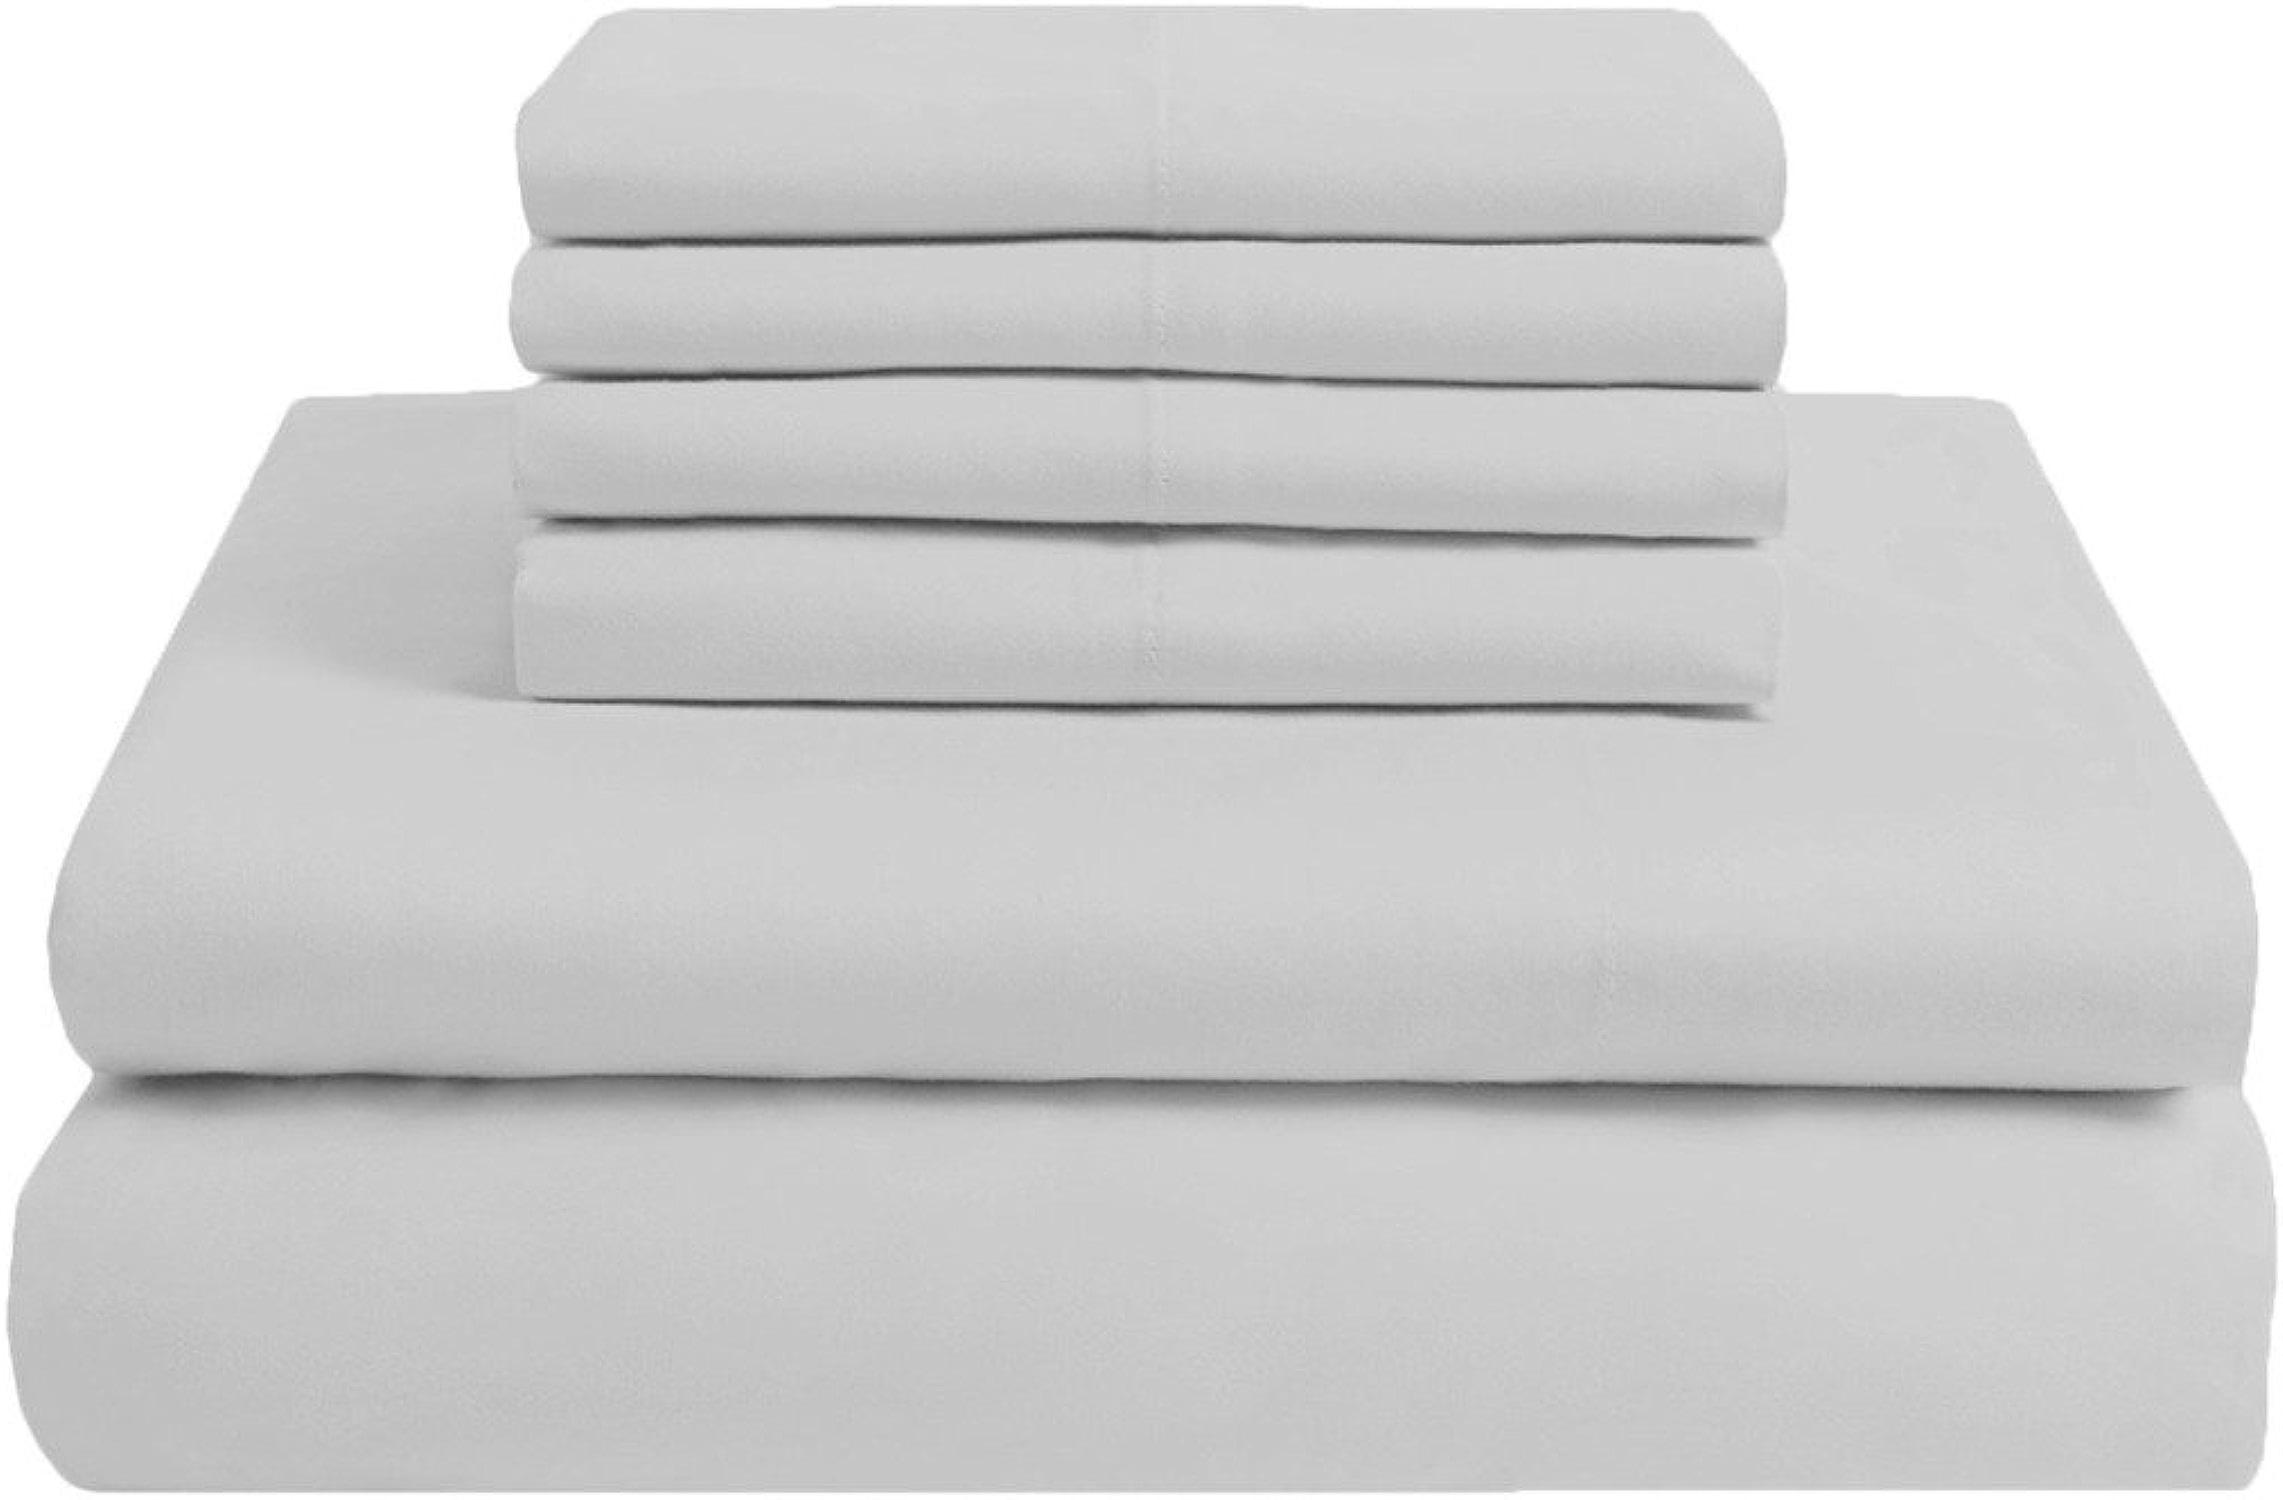 Scalabedding 100% coton égypcravaten 300fils 6pièces complète XL Taille Poche profonde de feuille solide gris clair